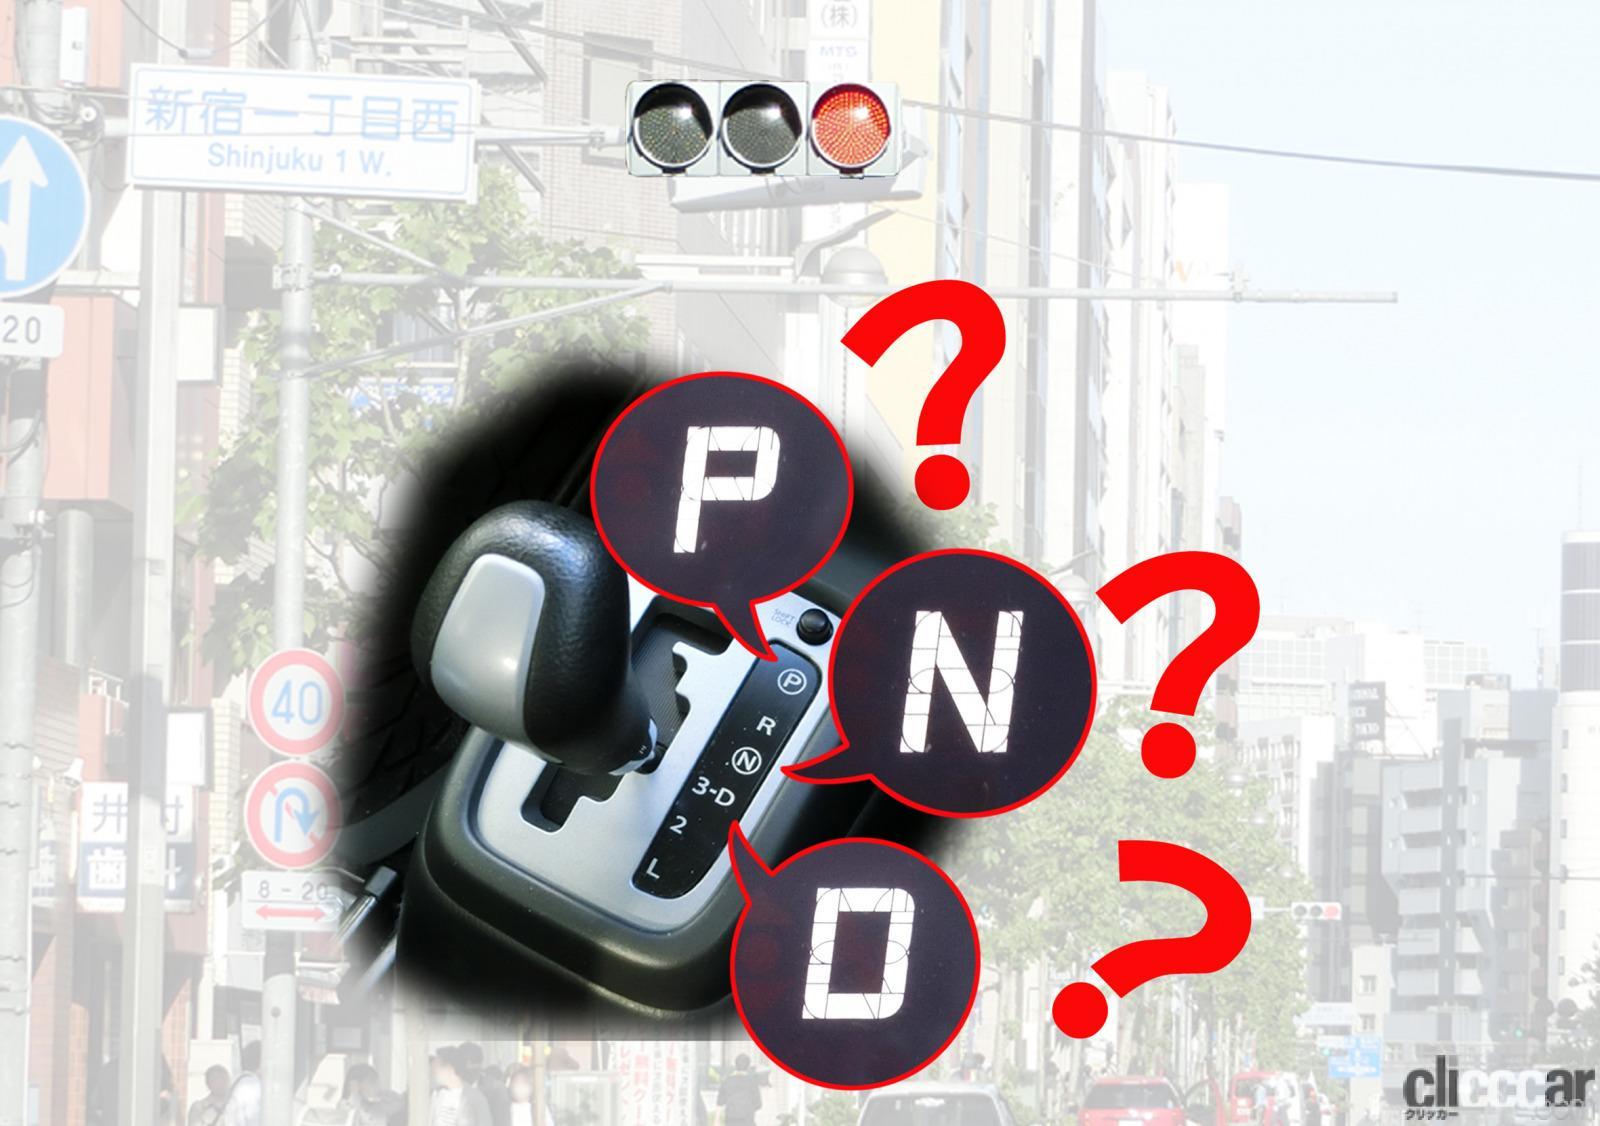 「信号待ちでのAT位置はDのまま? それともNか?」の1枚目の画像